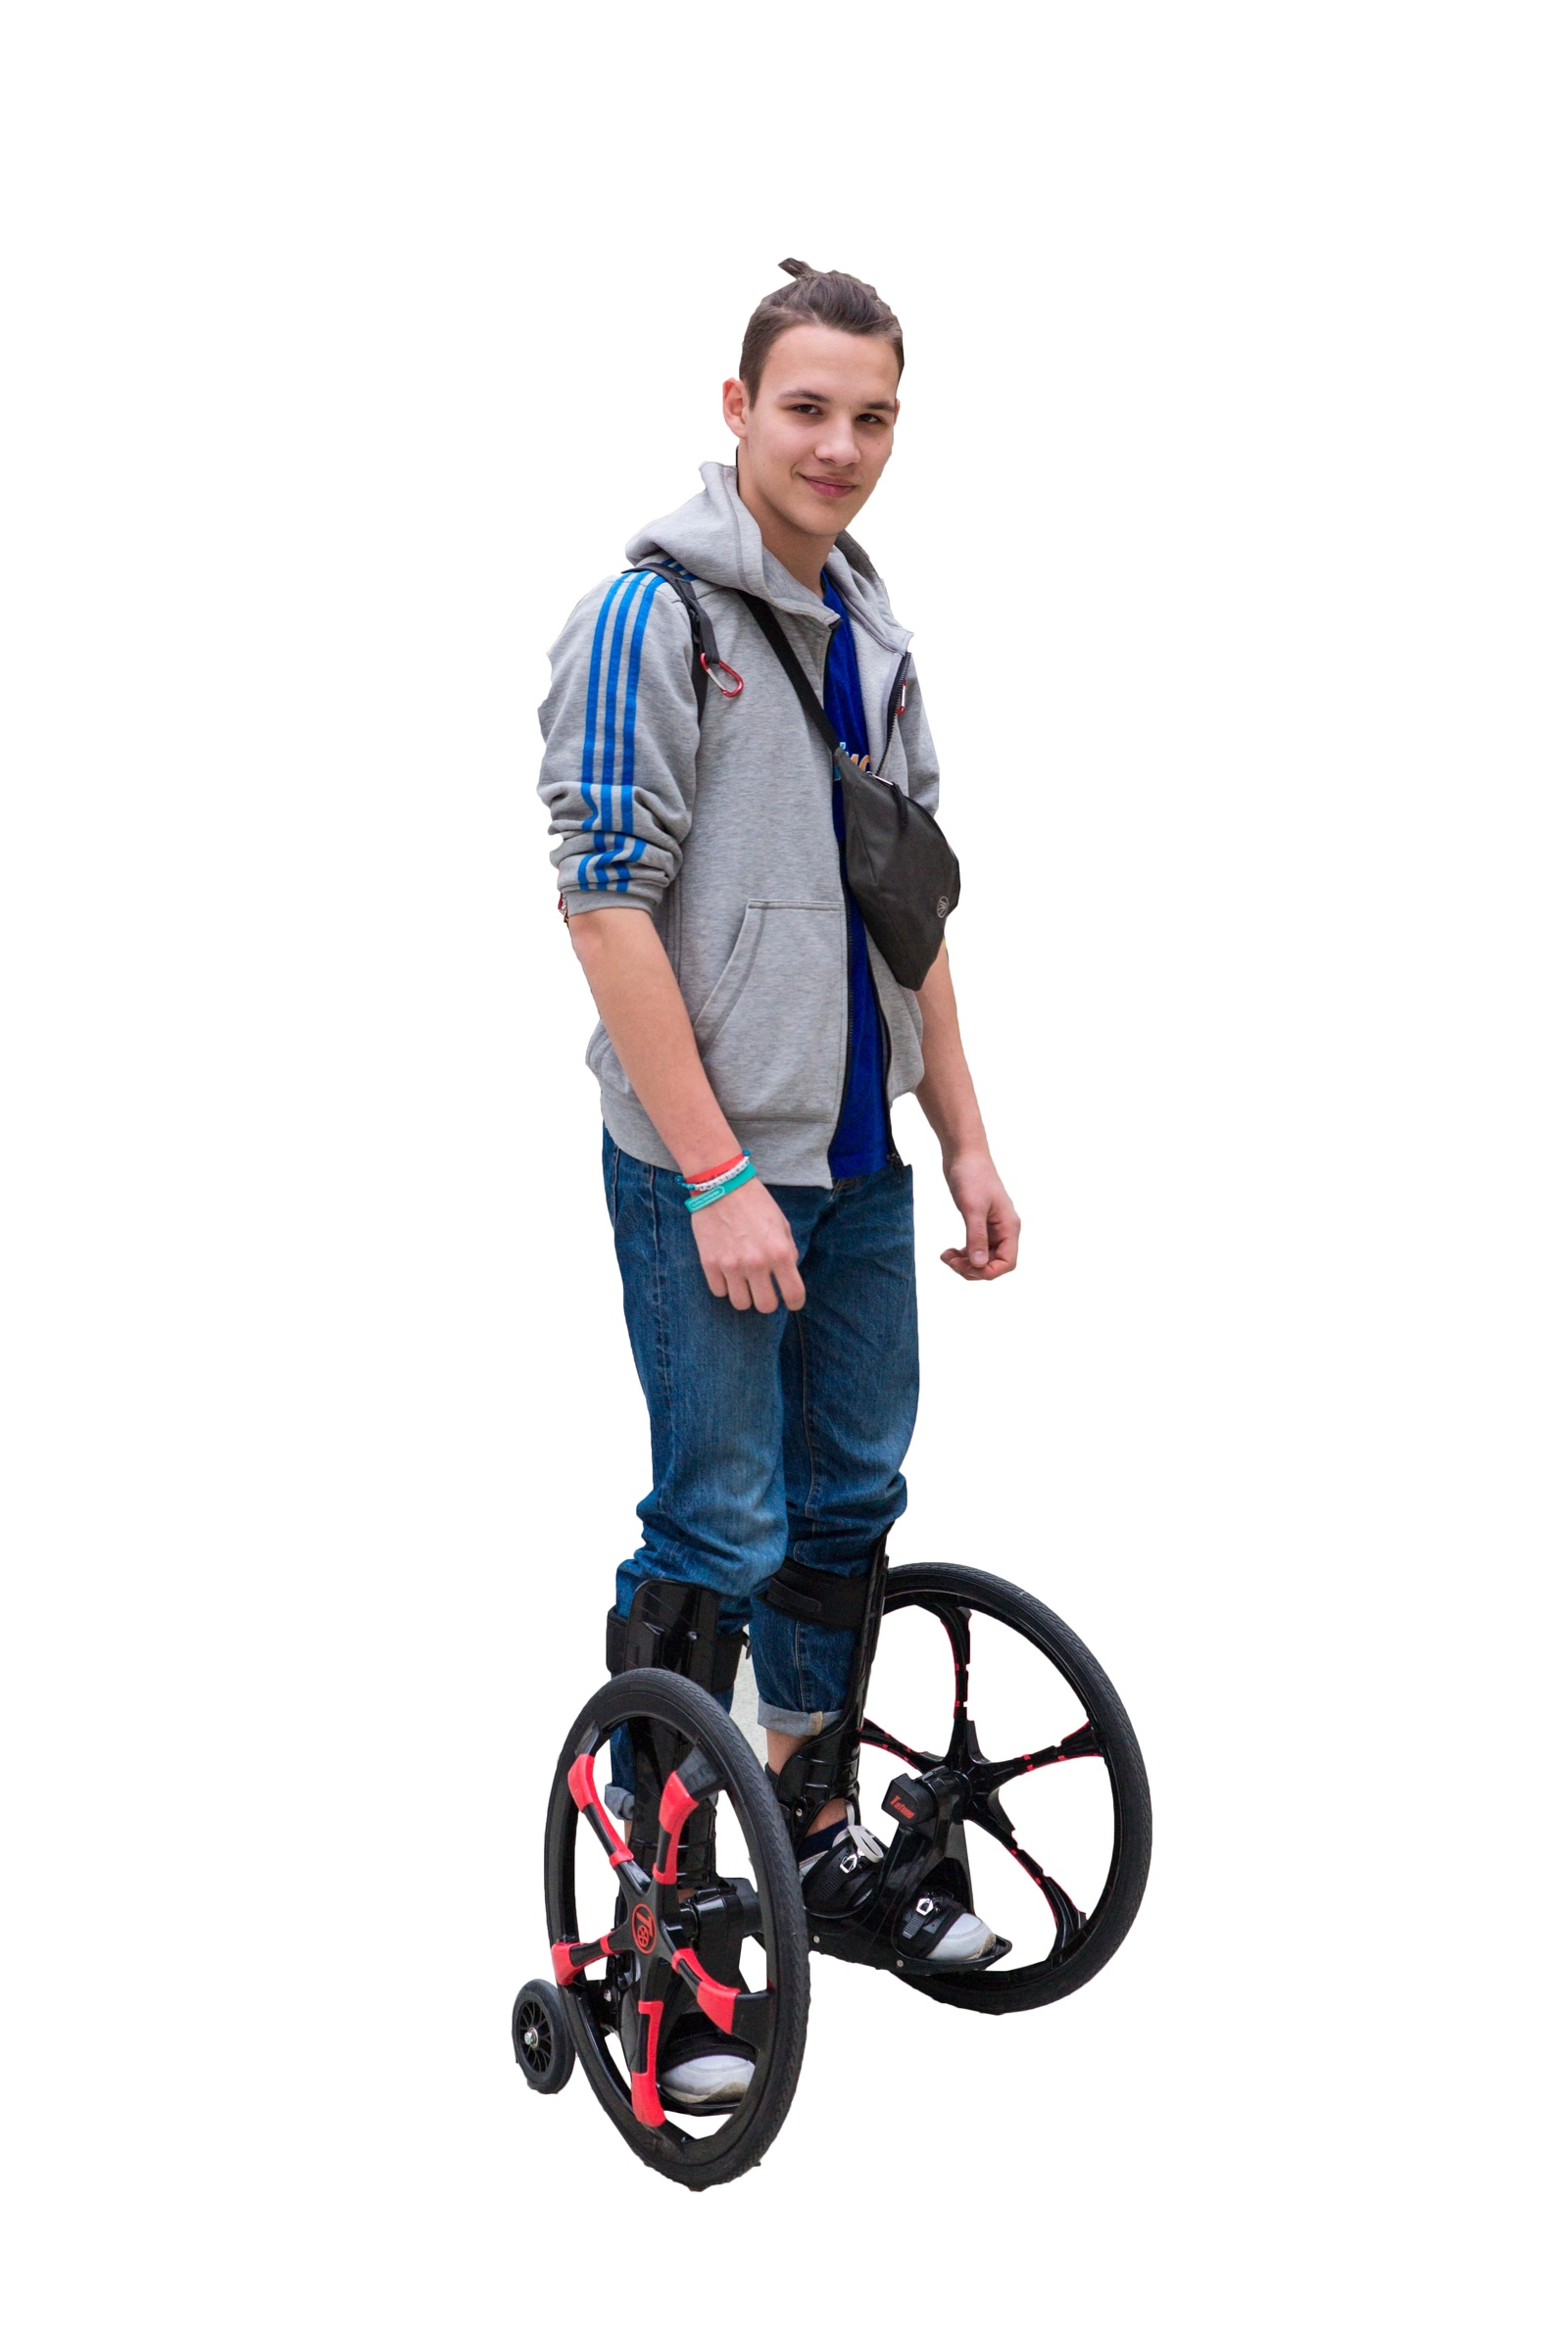 Комплект: Роликовые коньки+защита Tafeng Sport